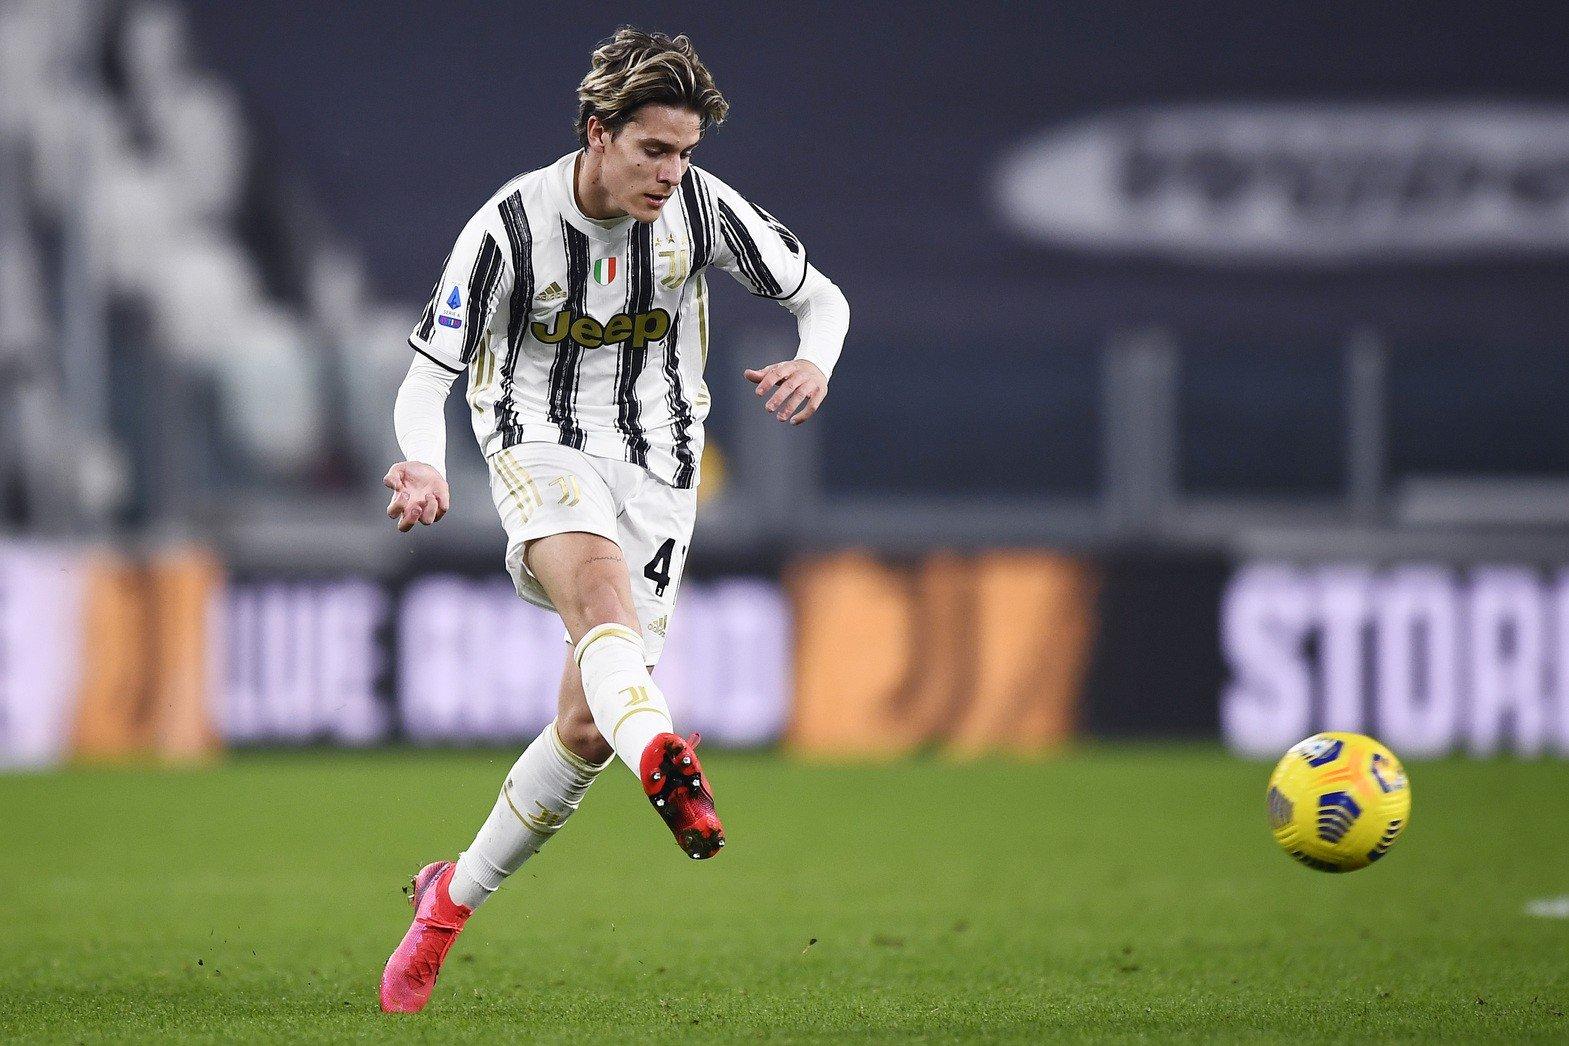 Verona-Juve, le statistiche: Record possibile per l'Hellas |  Sport e Vai